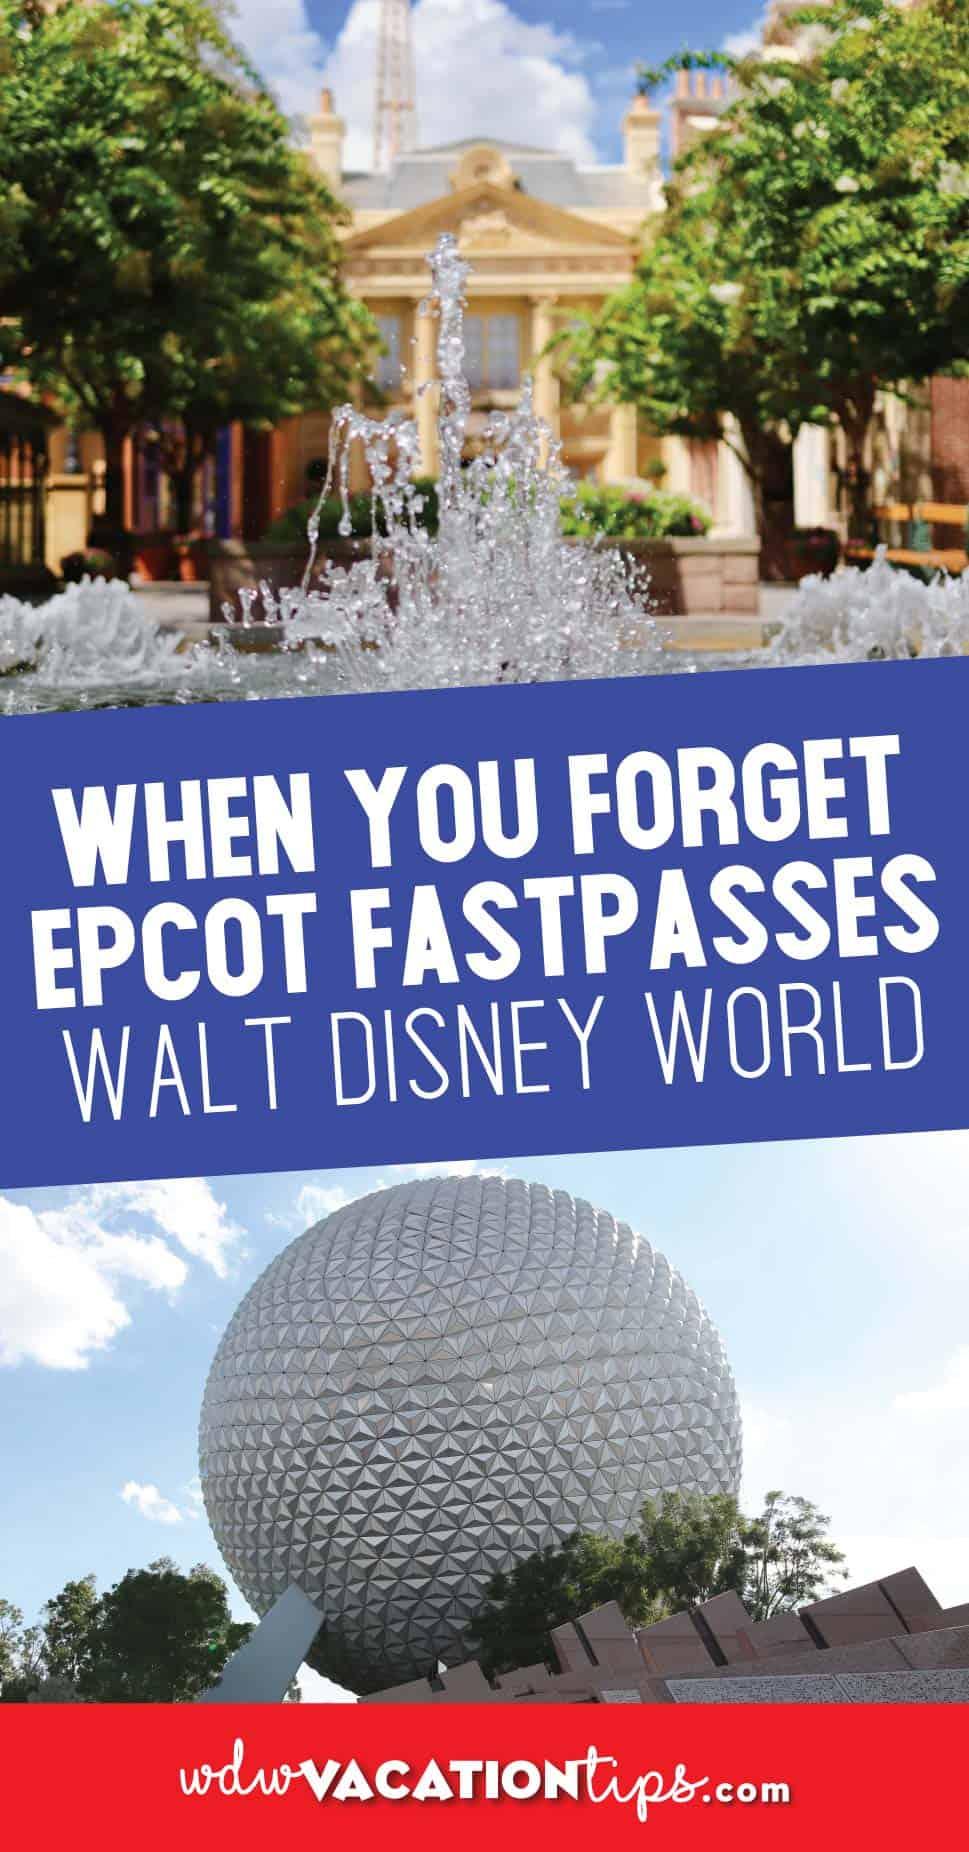 No Fastpass Ecpot